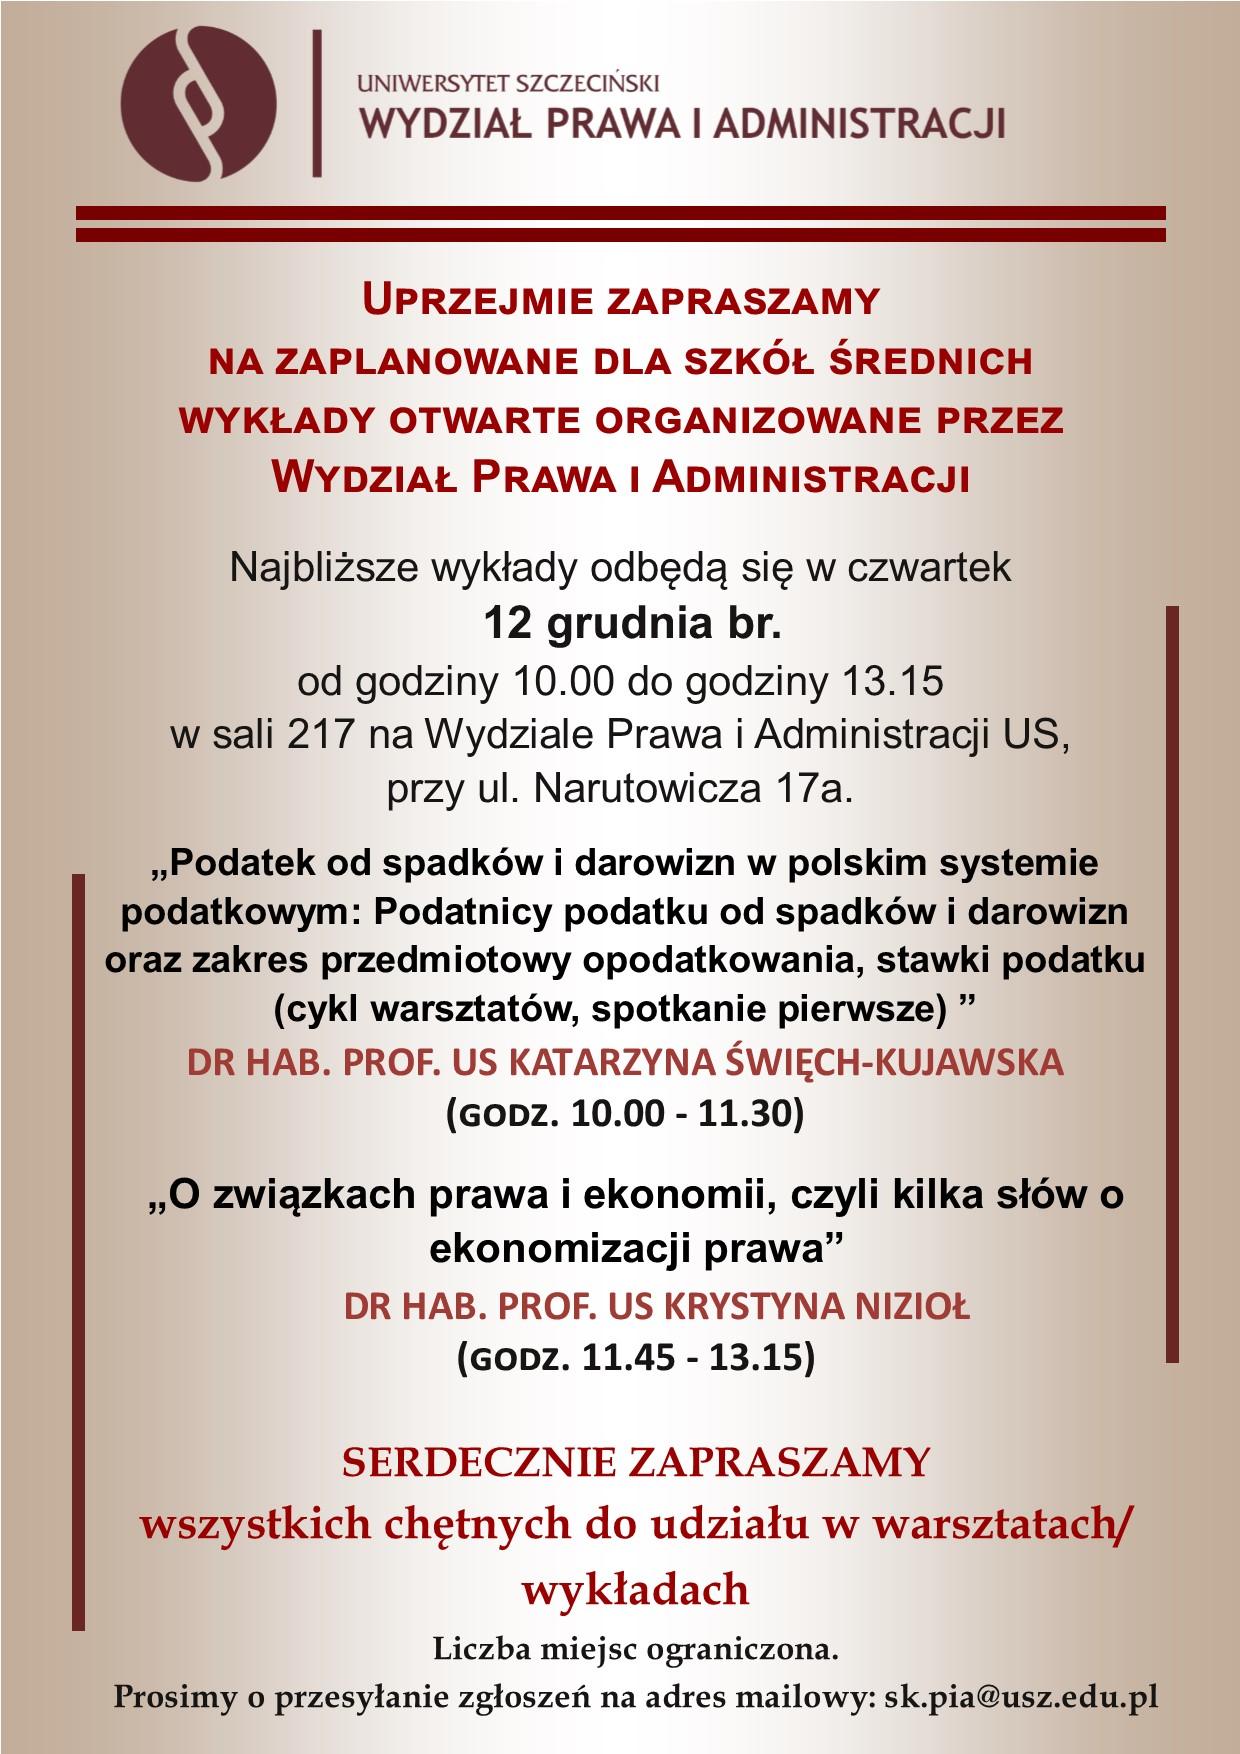 Wykłady na WPiA dla szkół średnich – 12 grudnia br. (czwartek, g. 10.00 – 13.15)